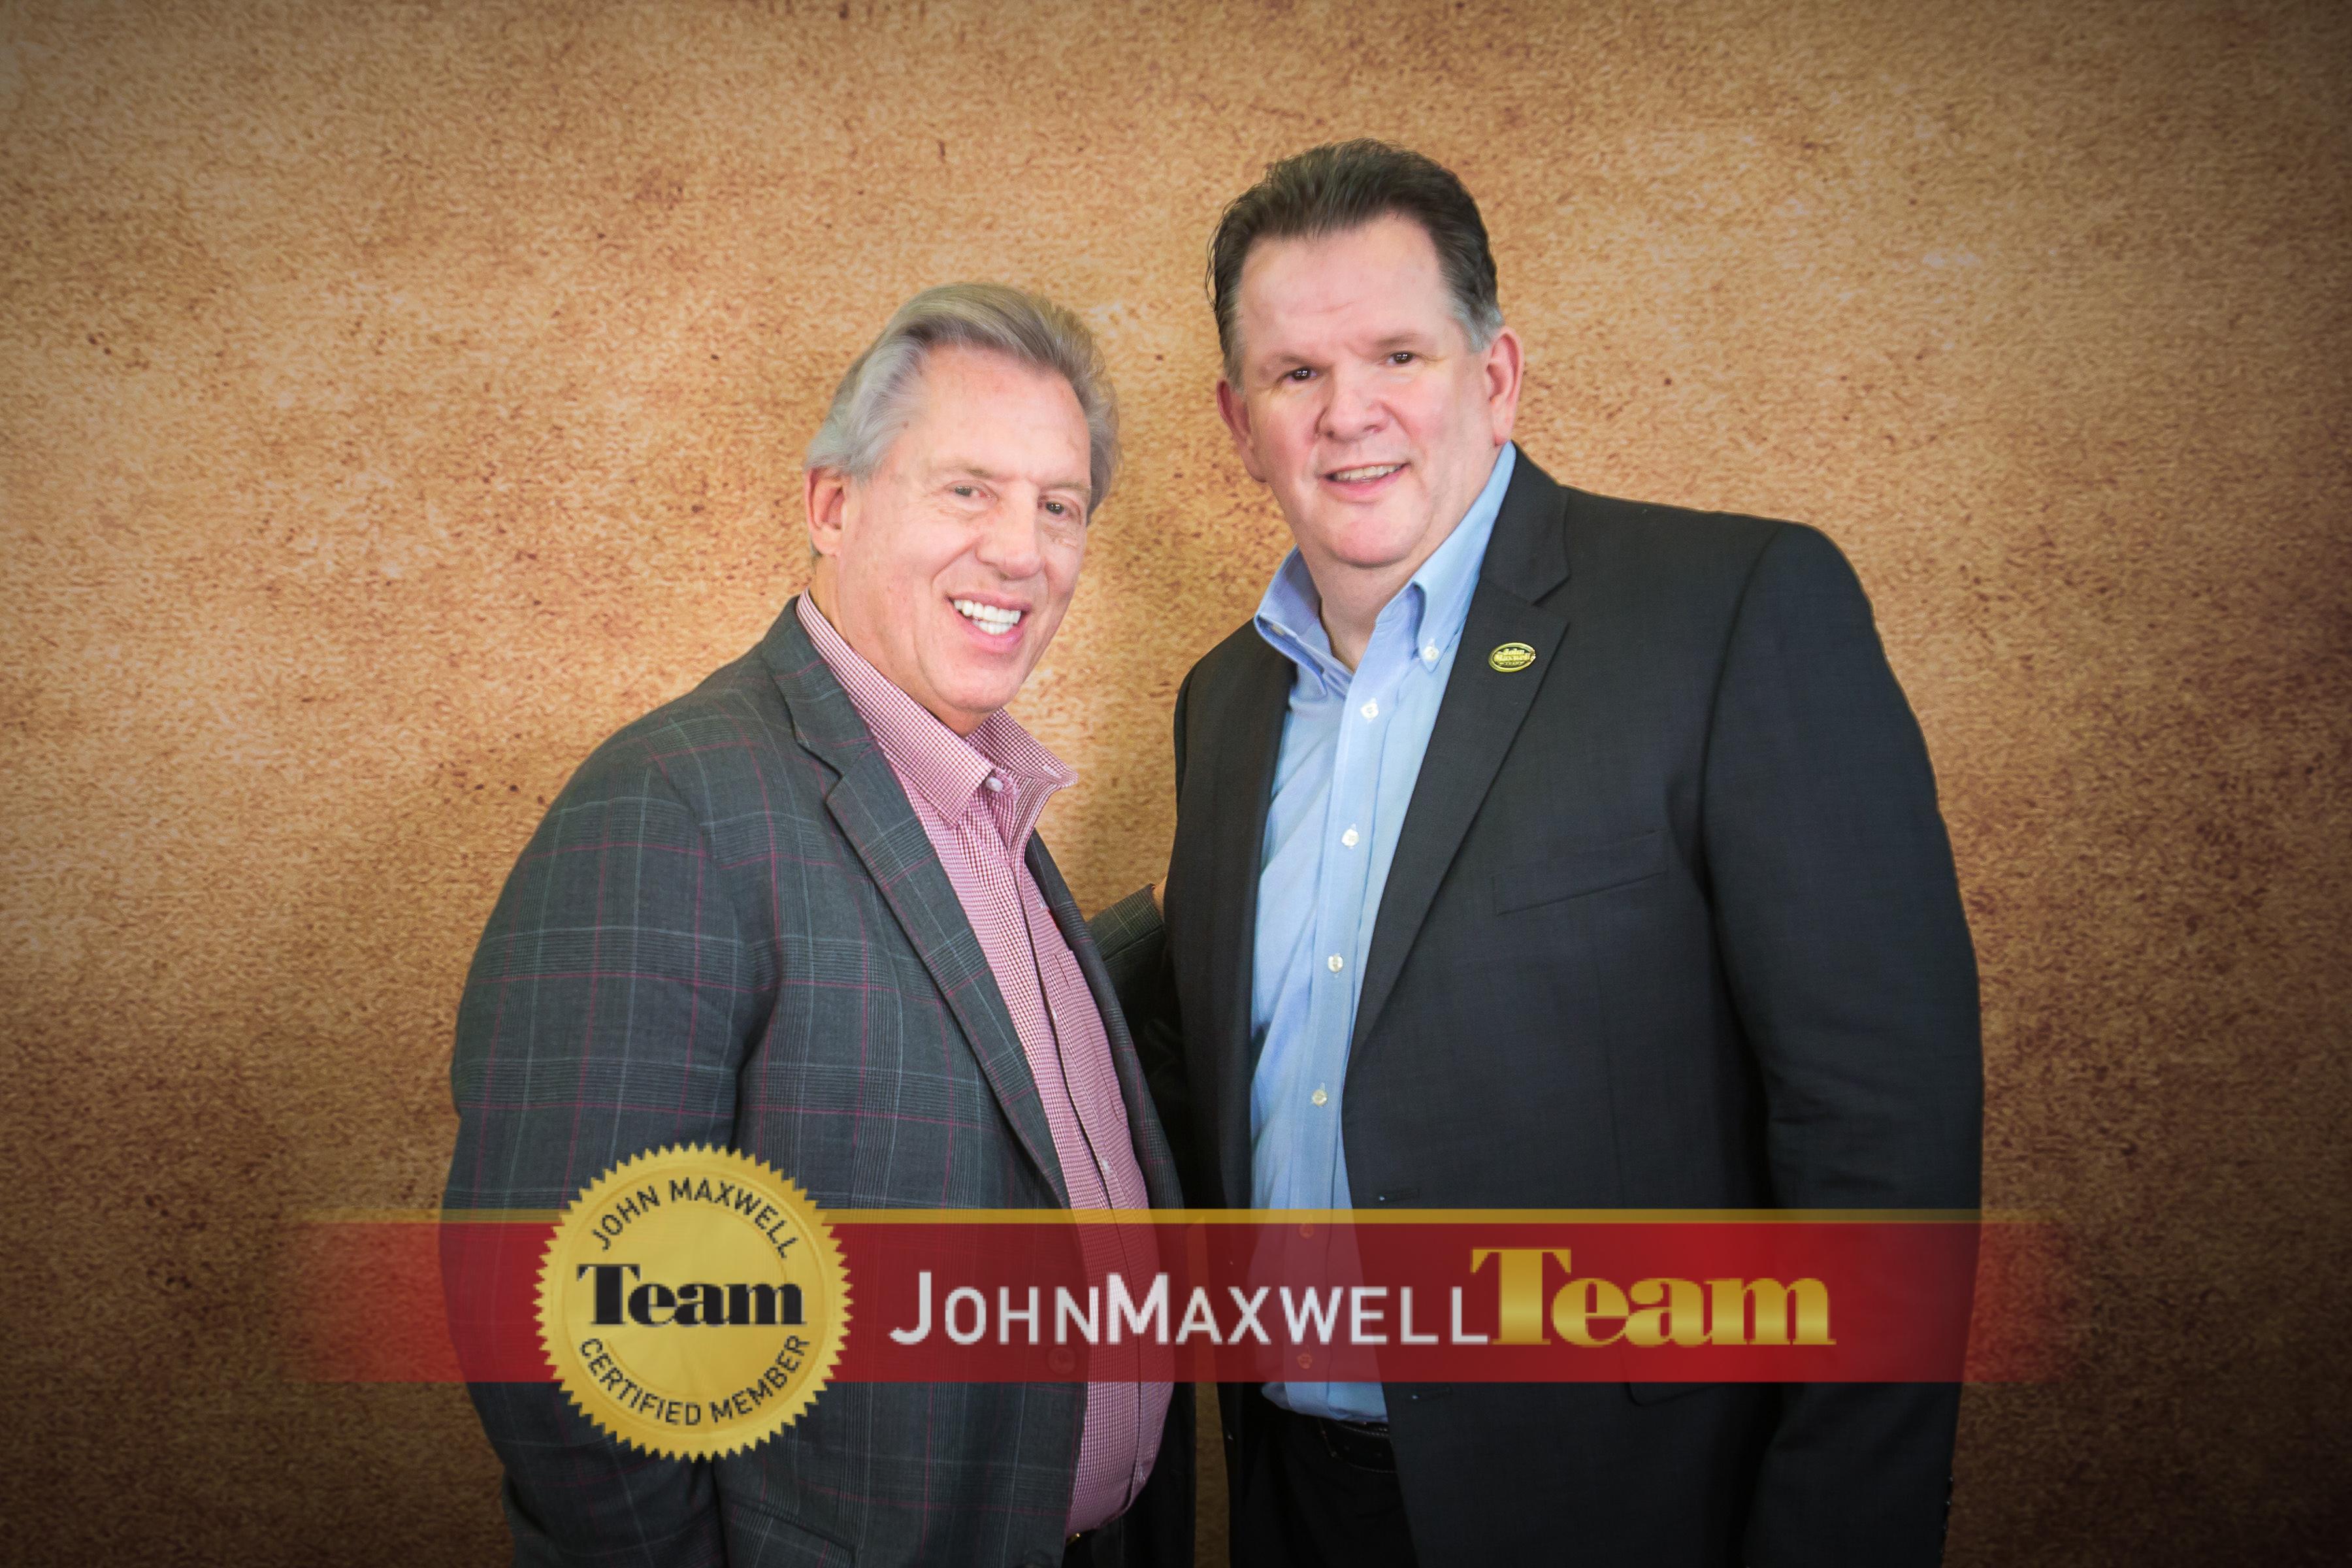 John Maxwell and Dr. Robert Riza.